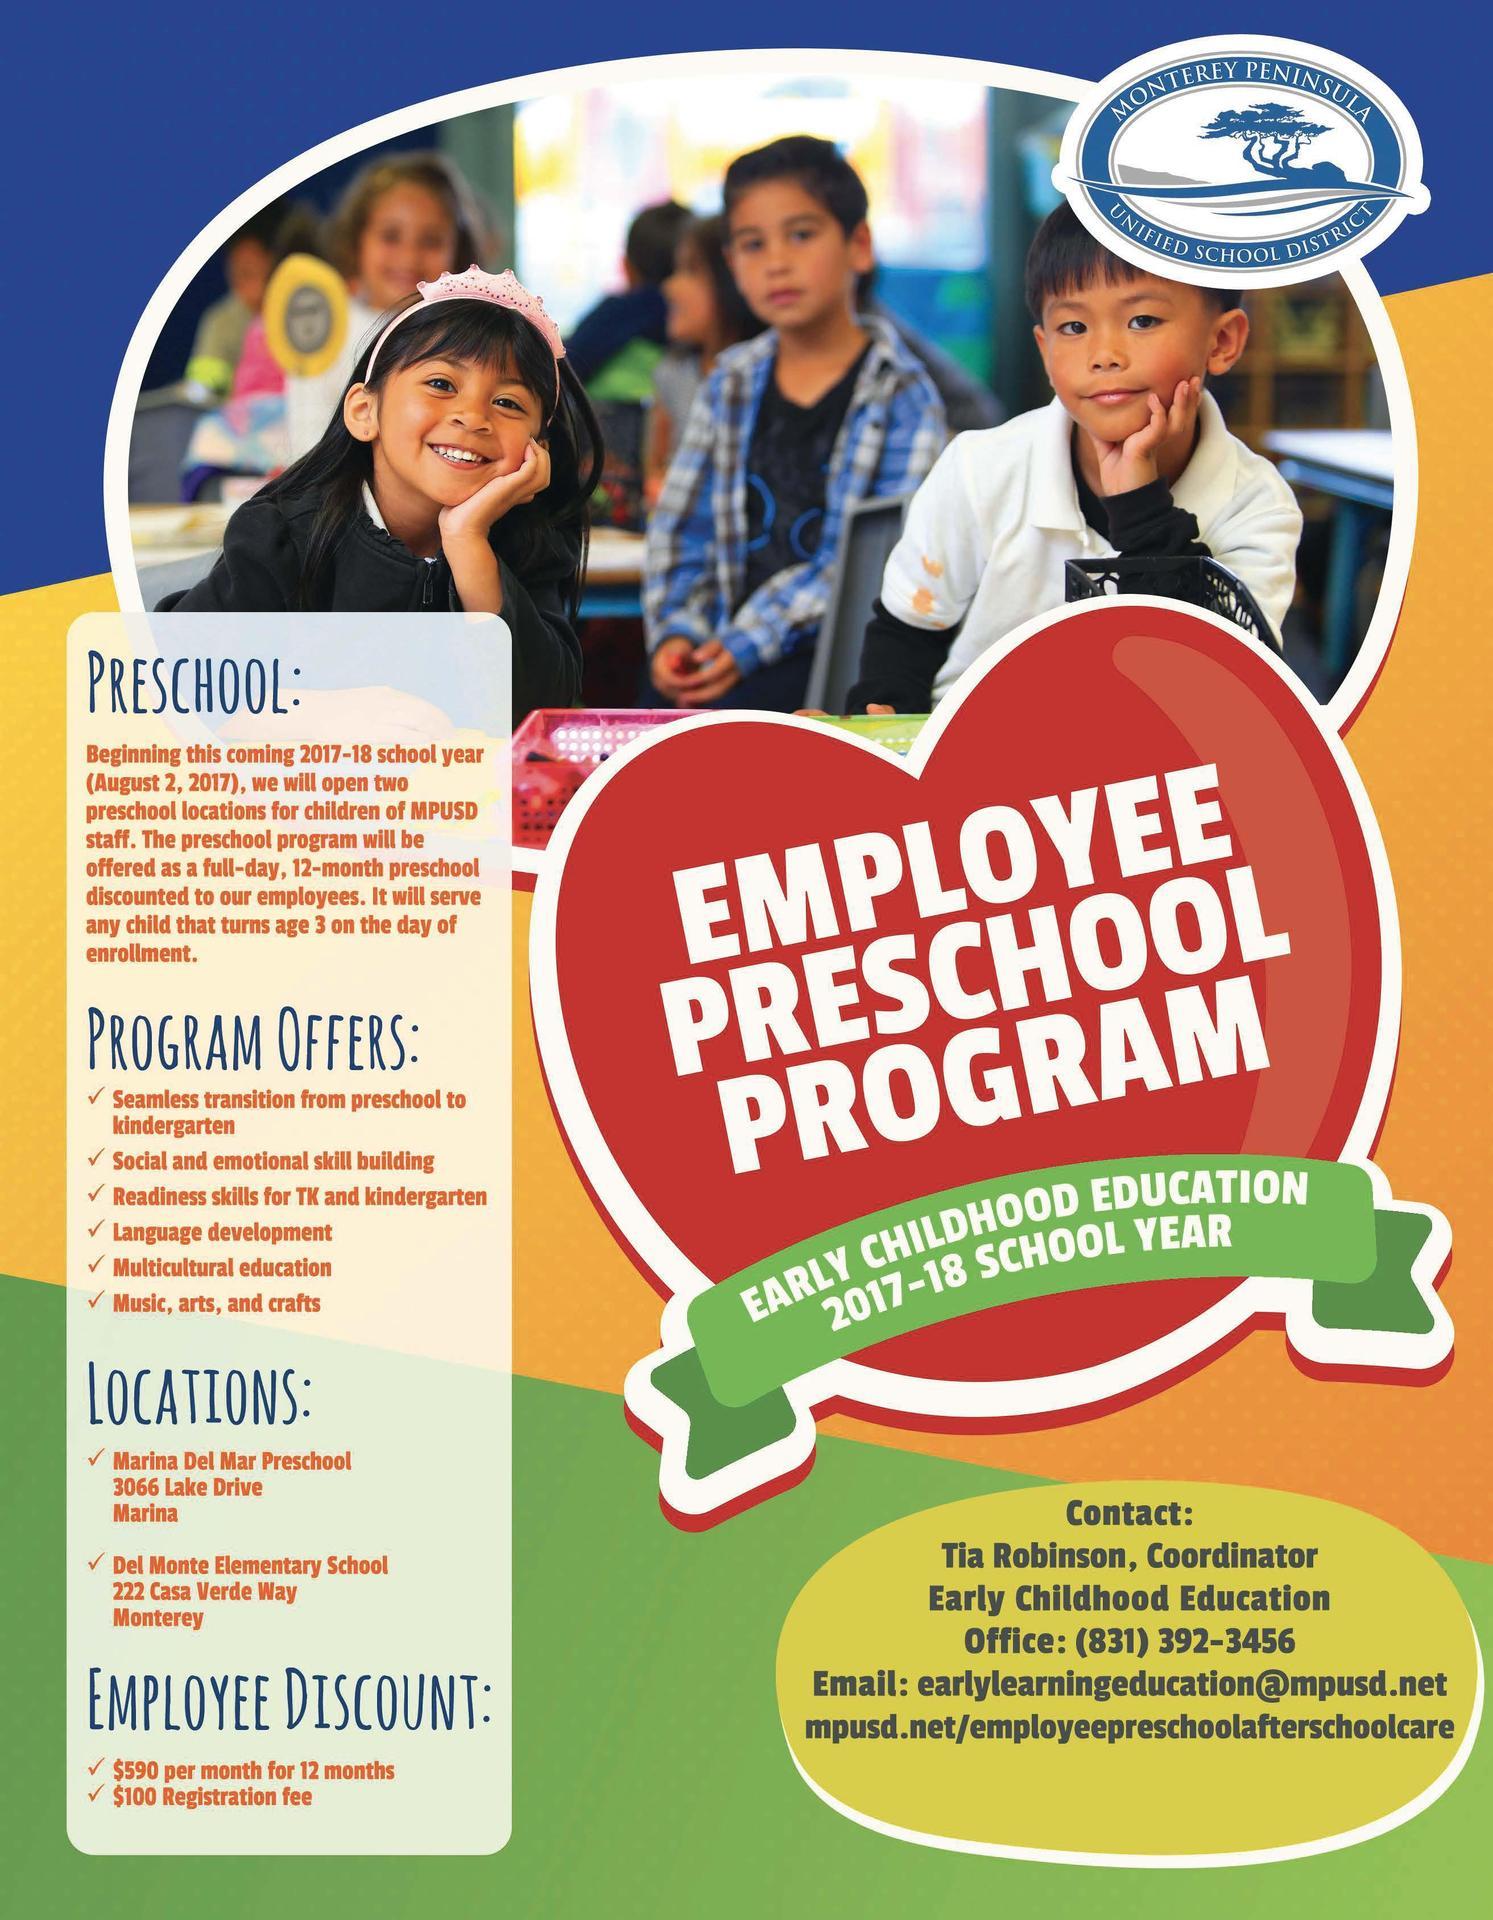 MPUSD Employee Preschool Flyer